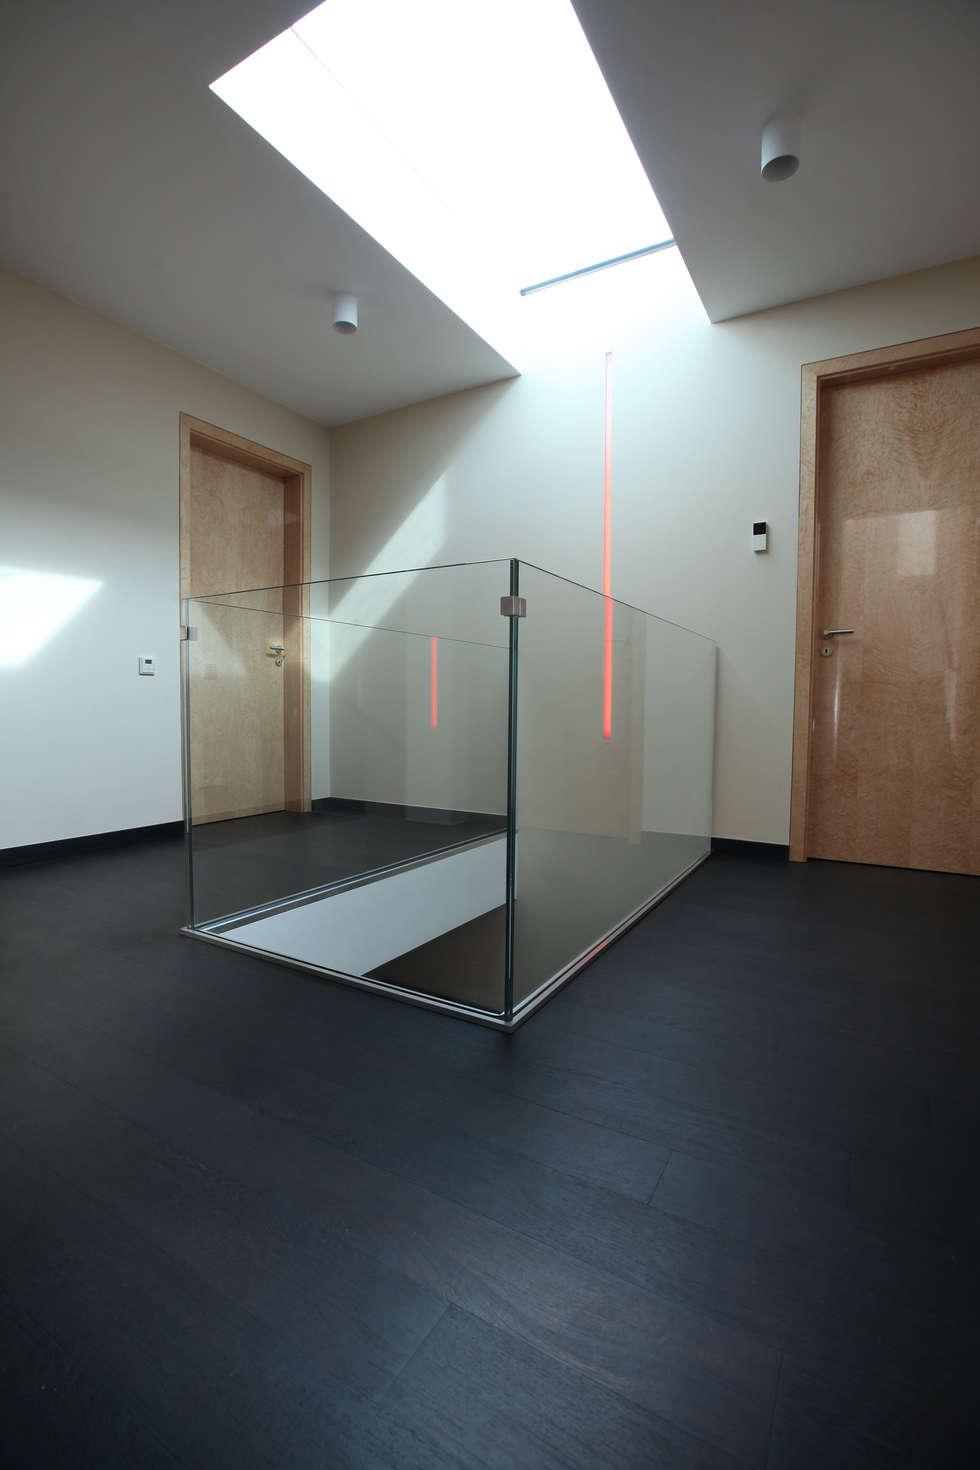 Галерея между спальнями на 2 ом этаже: Коридор и прихожая в . Автор – Архитектурное бюро Лены Гординой